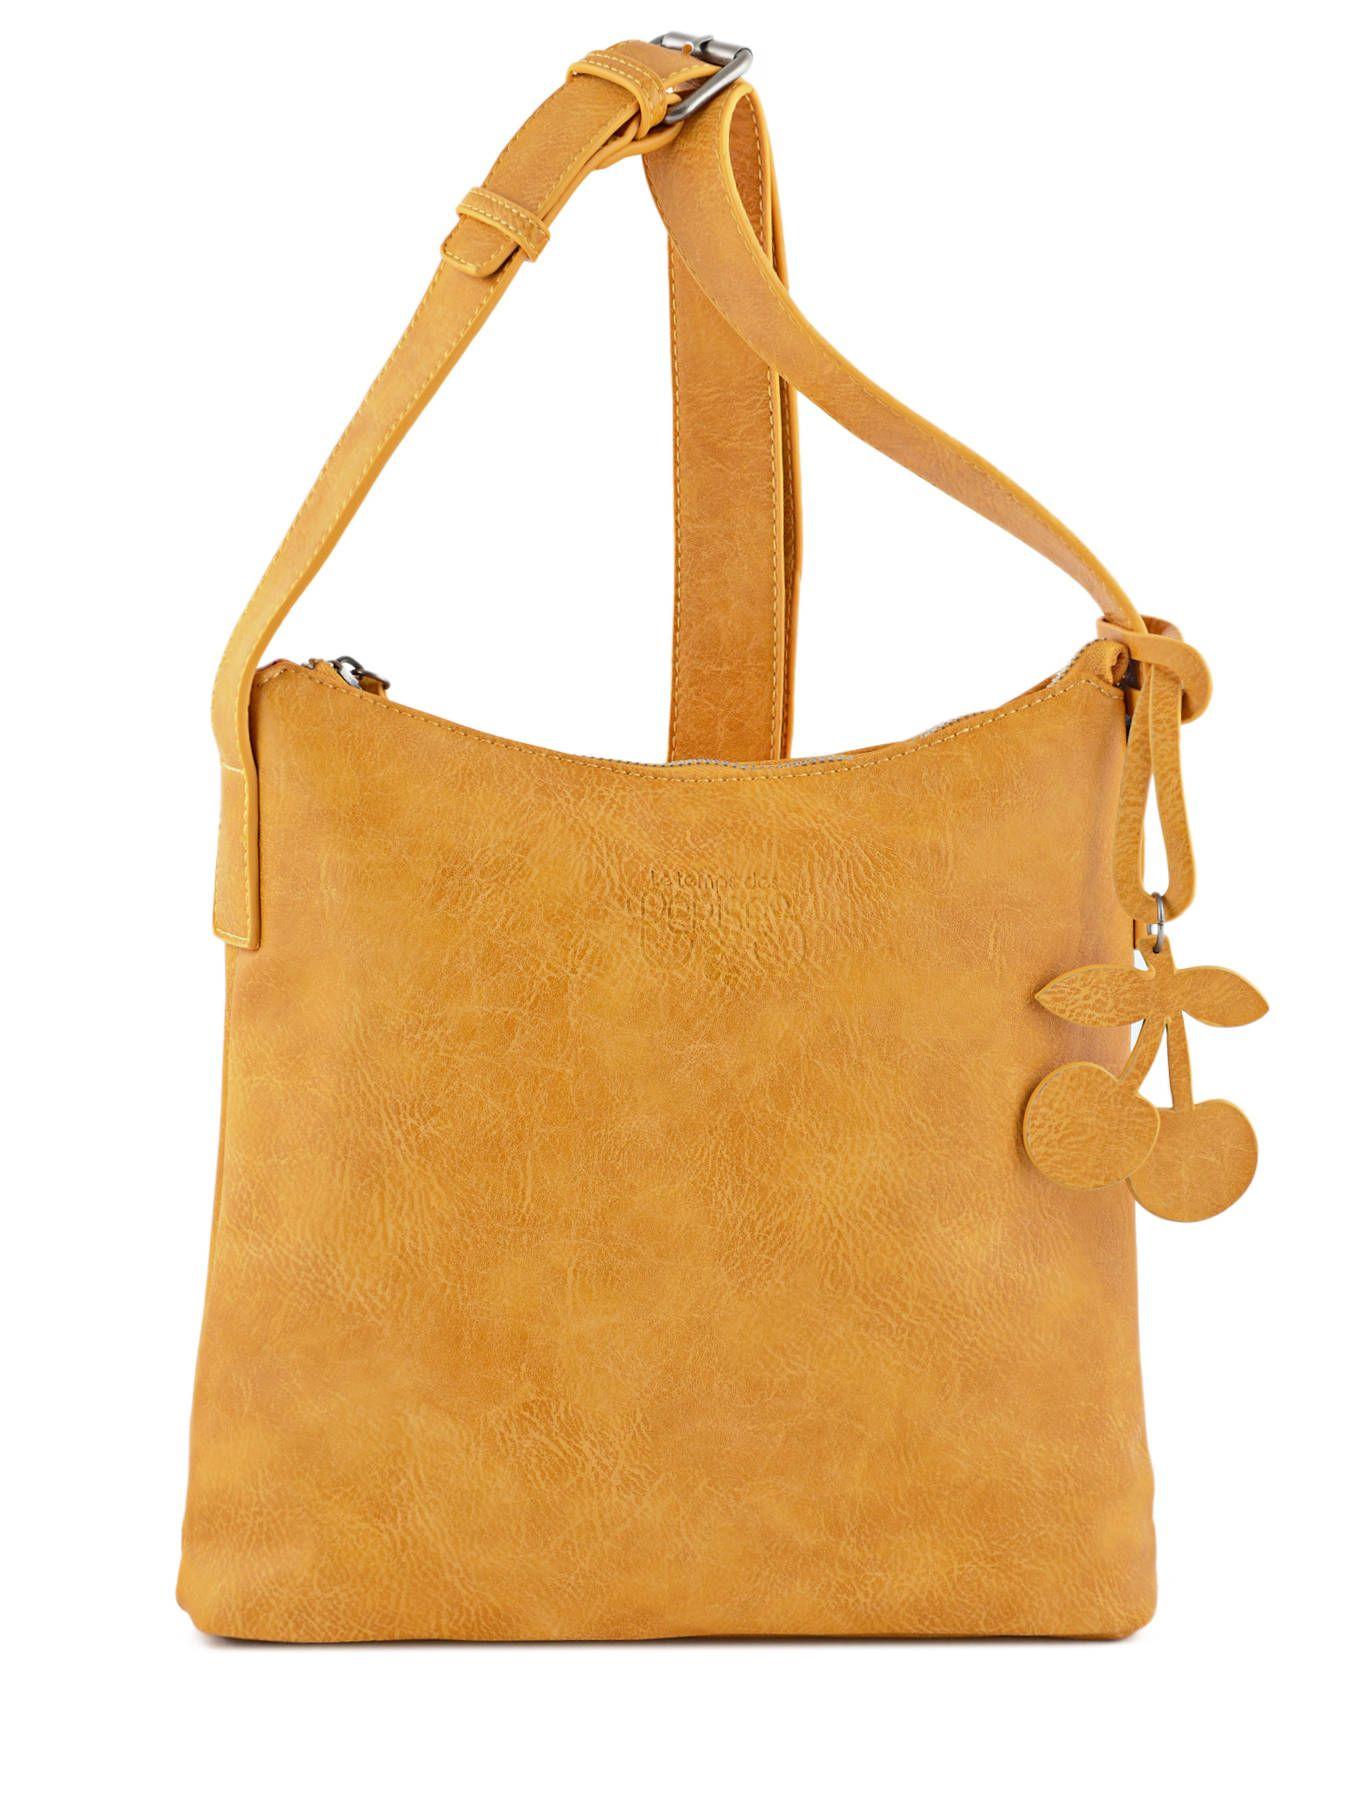 sac bandouli re phoenix le temps des cerises jaune moutarde 807 0ltc3v09 sac pinterest sac. Black Bedroom Furniture Sets. Home Design Ideas